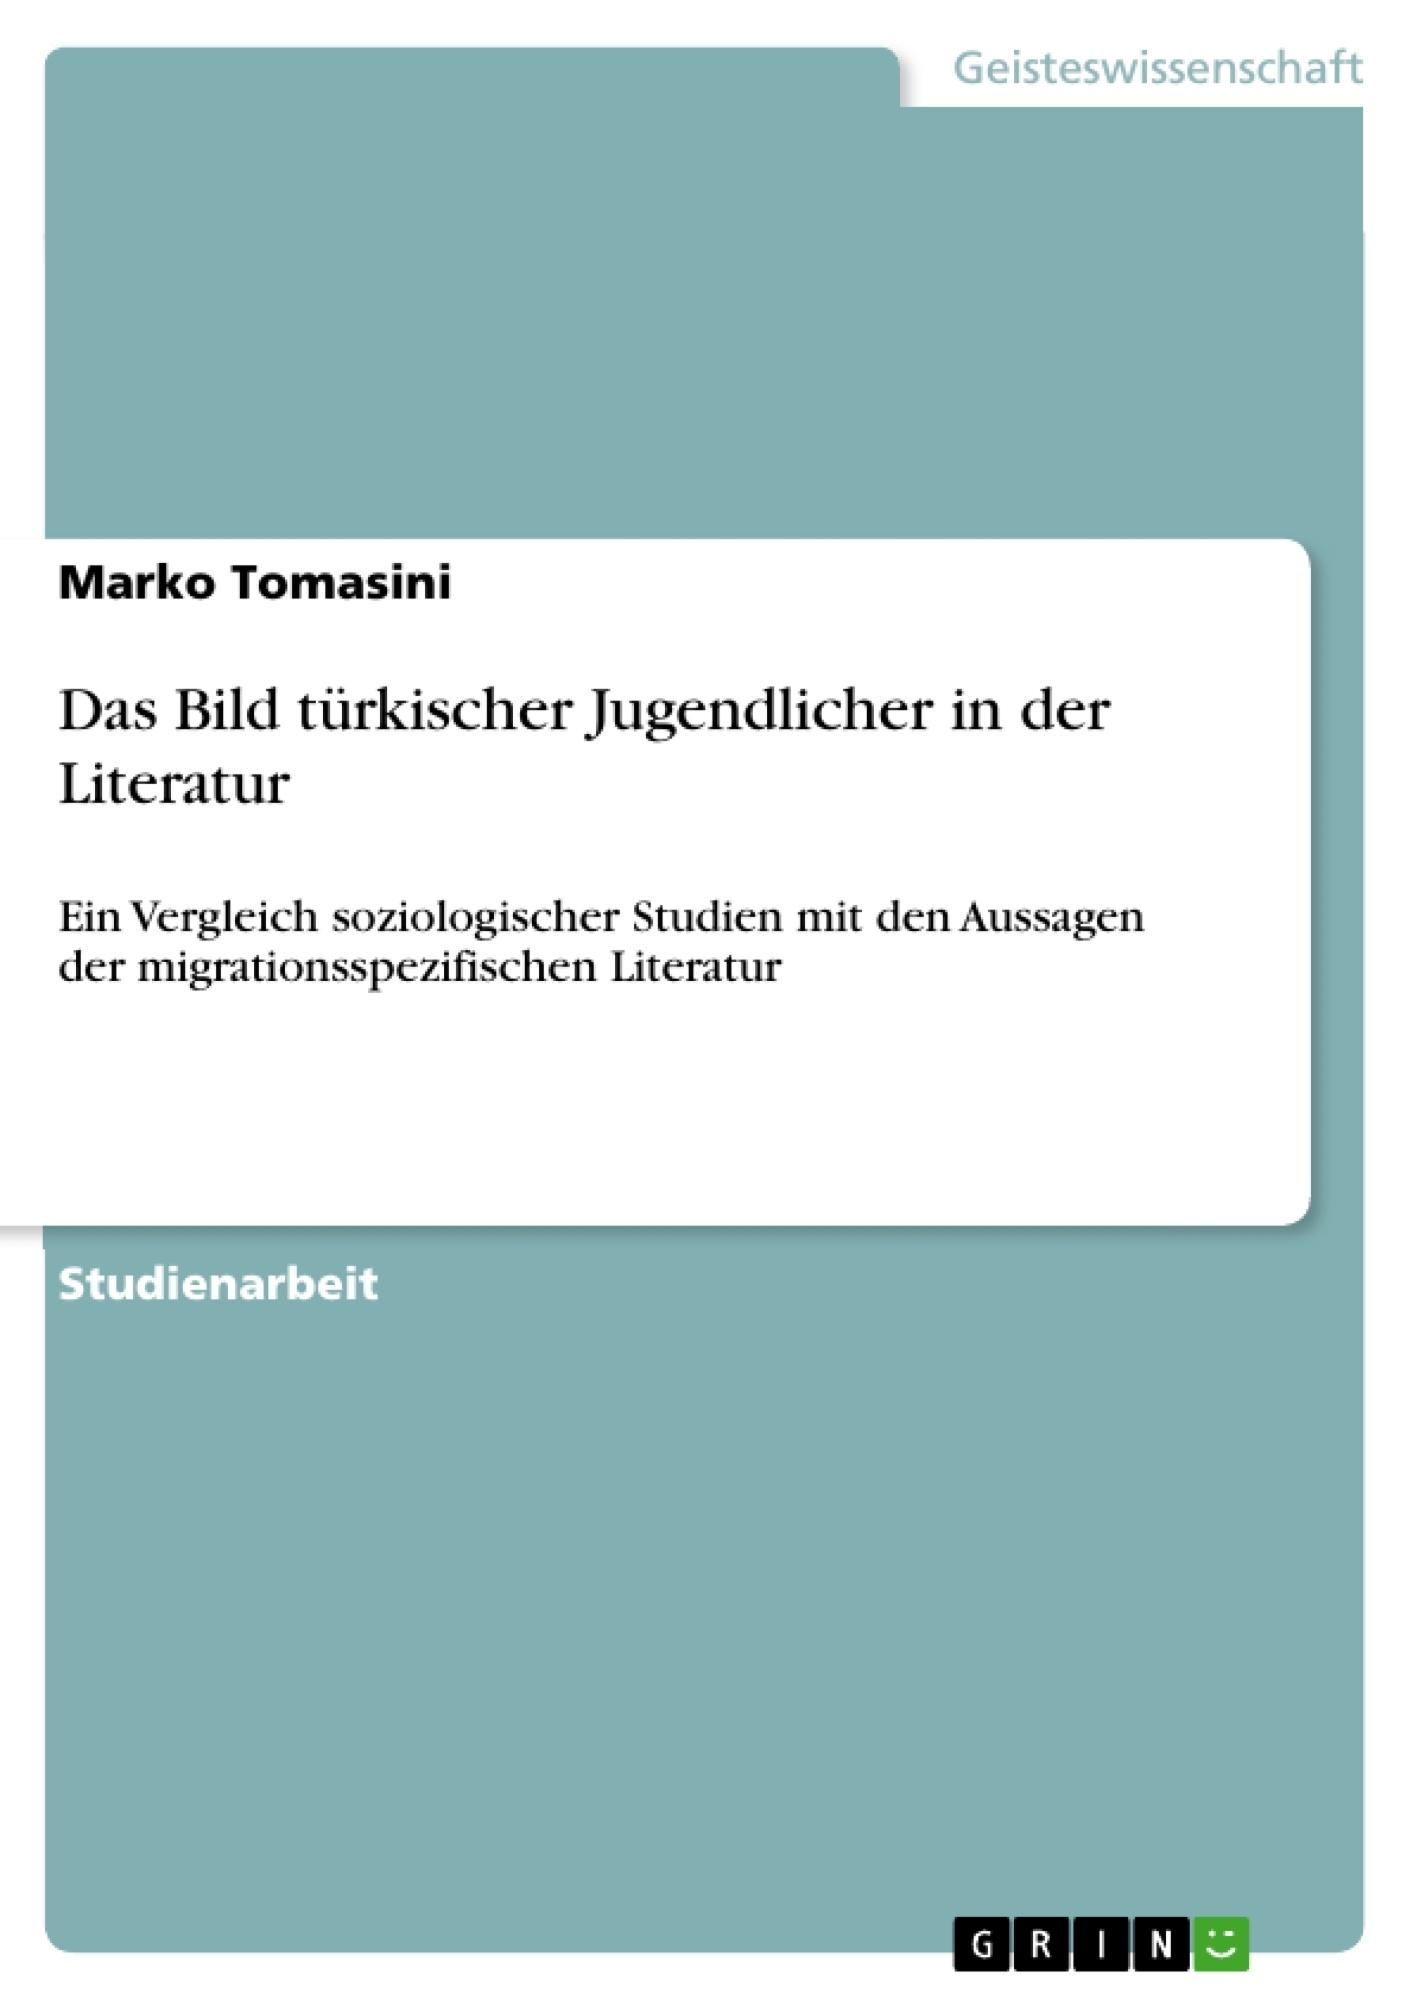 Titel: Das Bild türkischer Jugendlicher in der Literatur